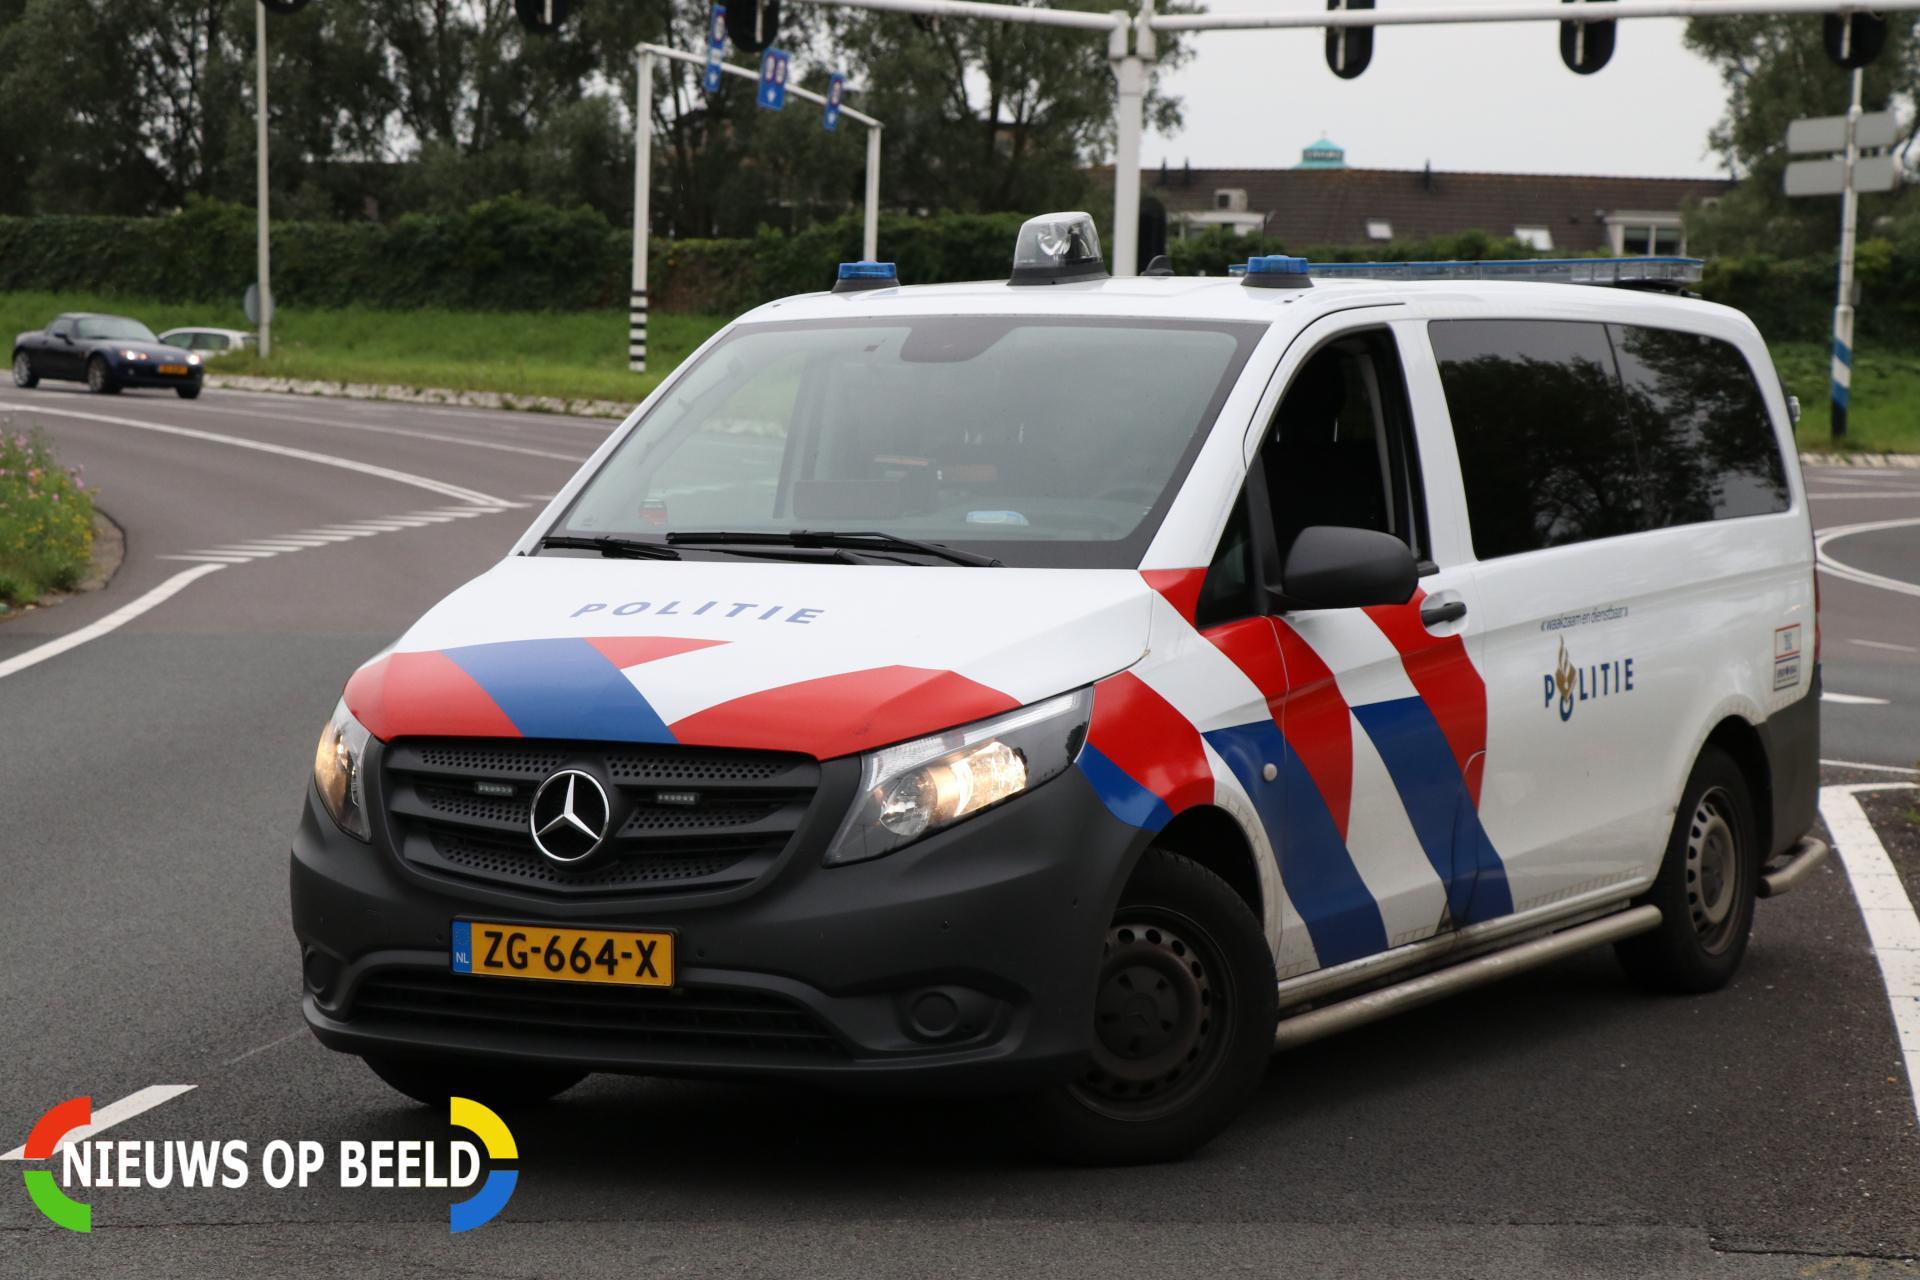 Auto beschoten op N206 Wassenaarseweg in Katwijk